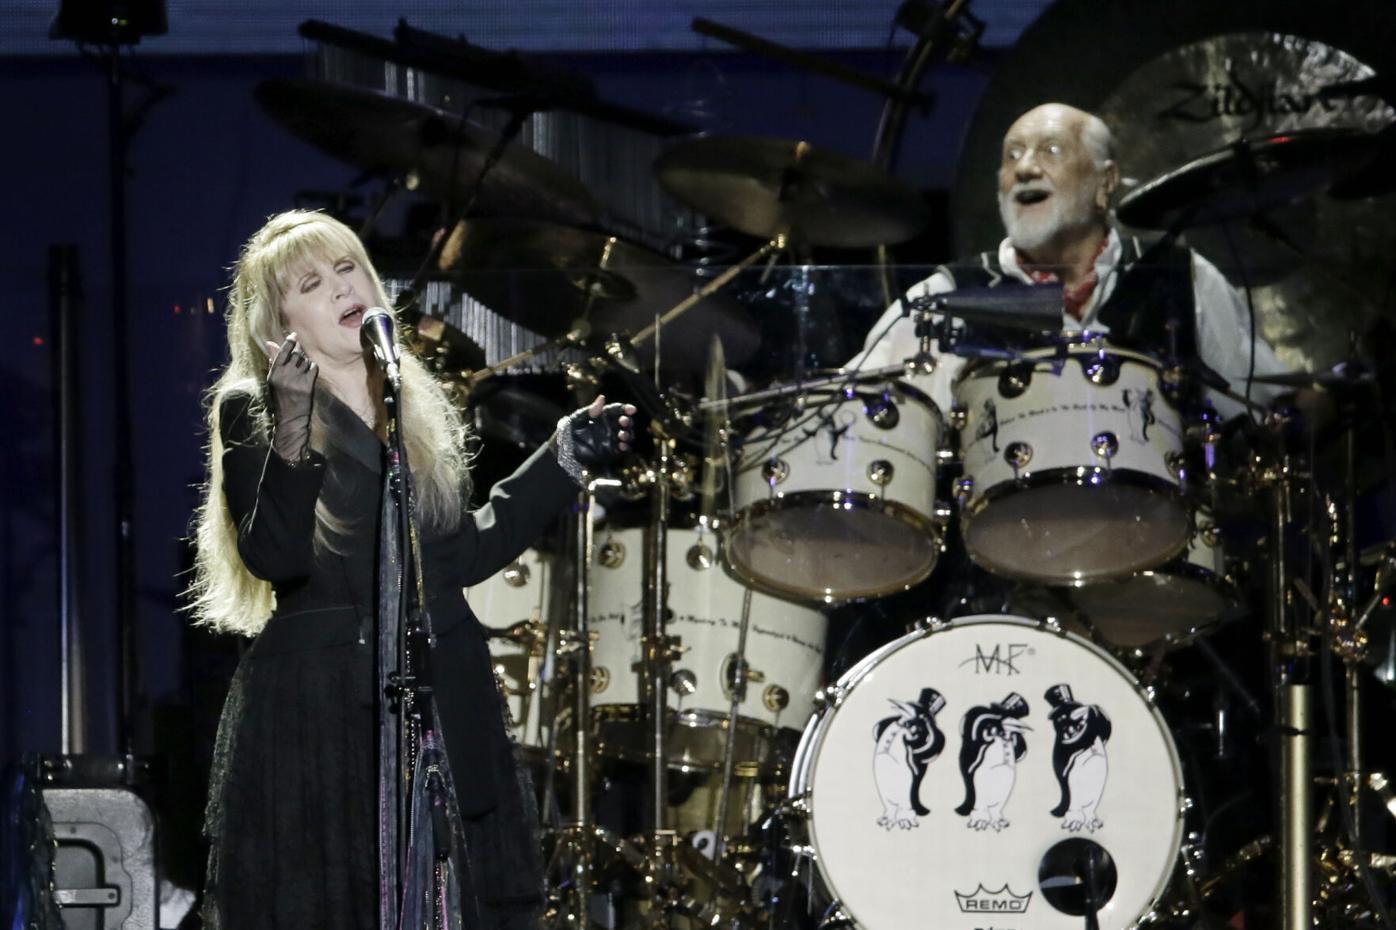 Performing in Atlantic City